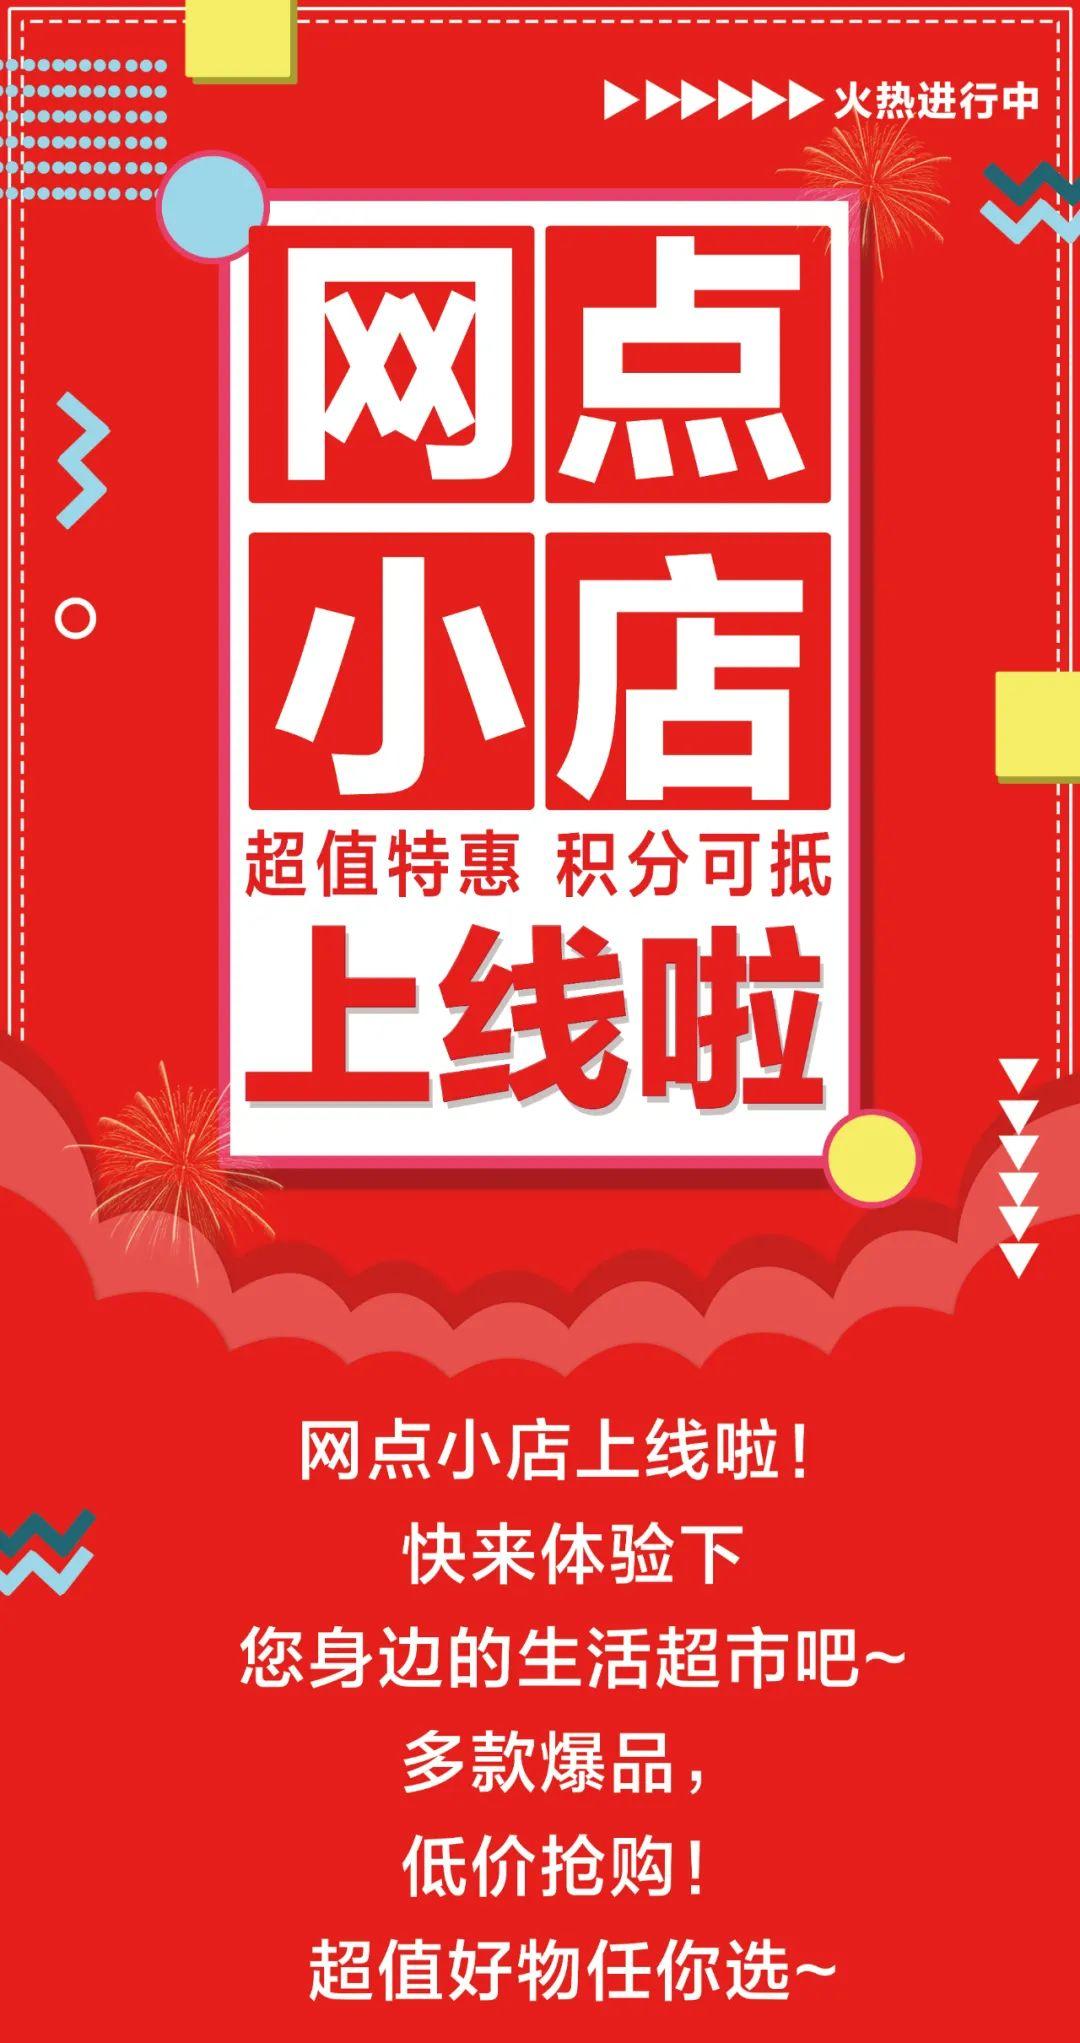 电银付安装教程(dianyinzhifu.com):好消息 | 济宁银行网点小店上线啦~ 第1张